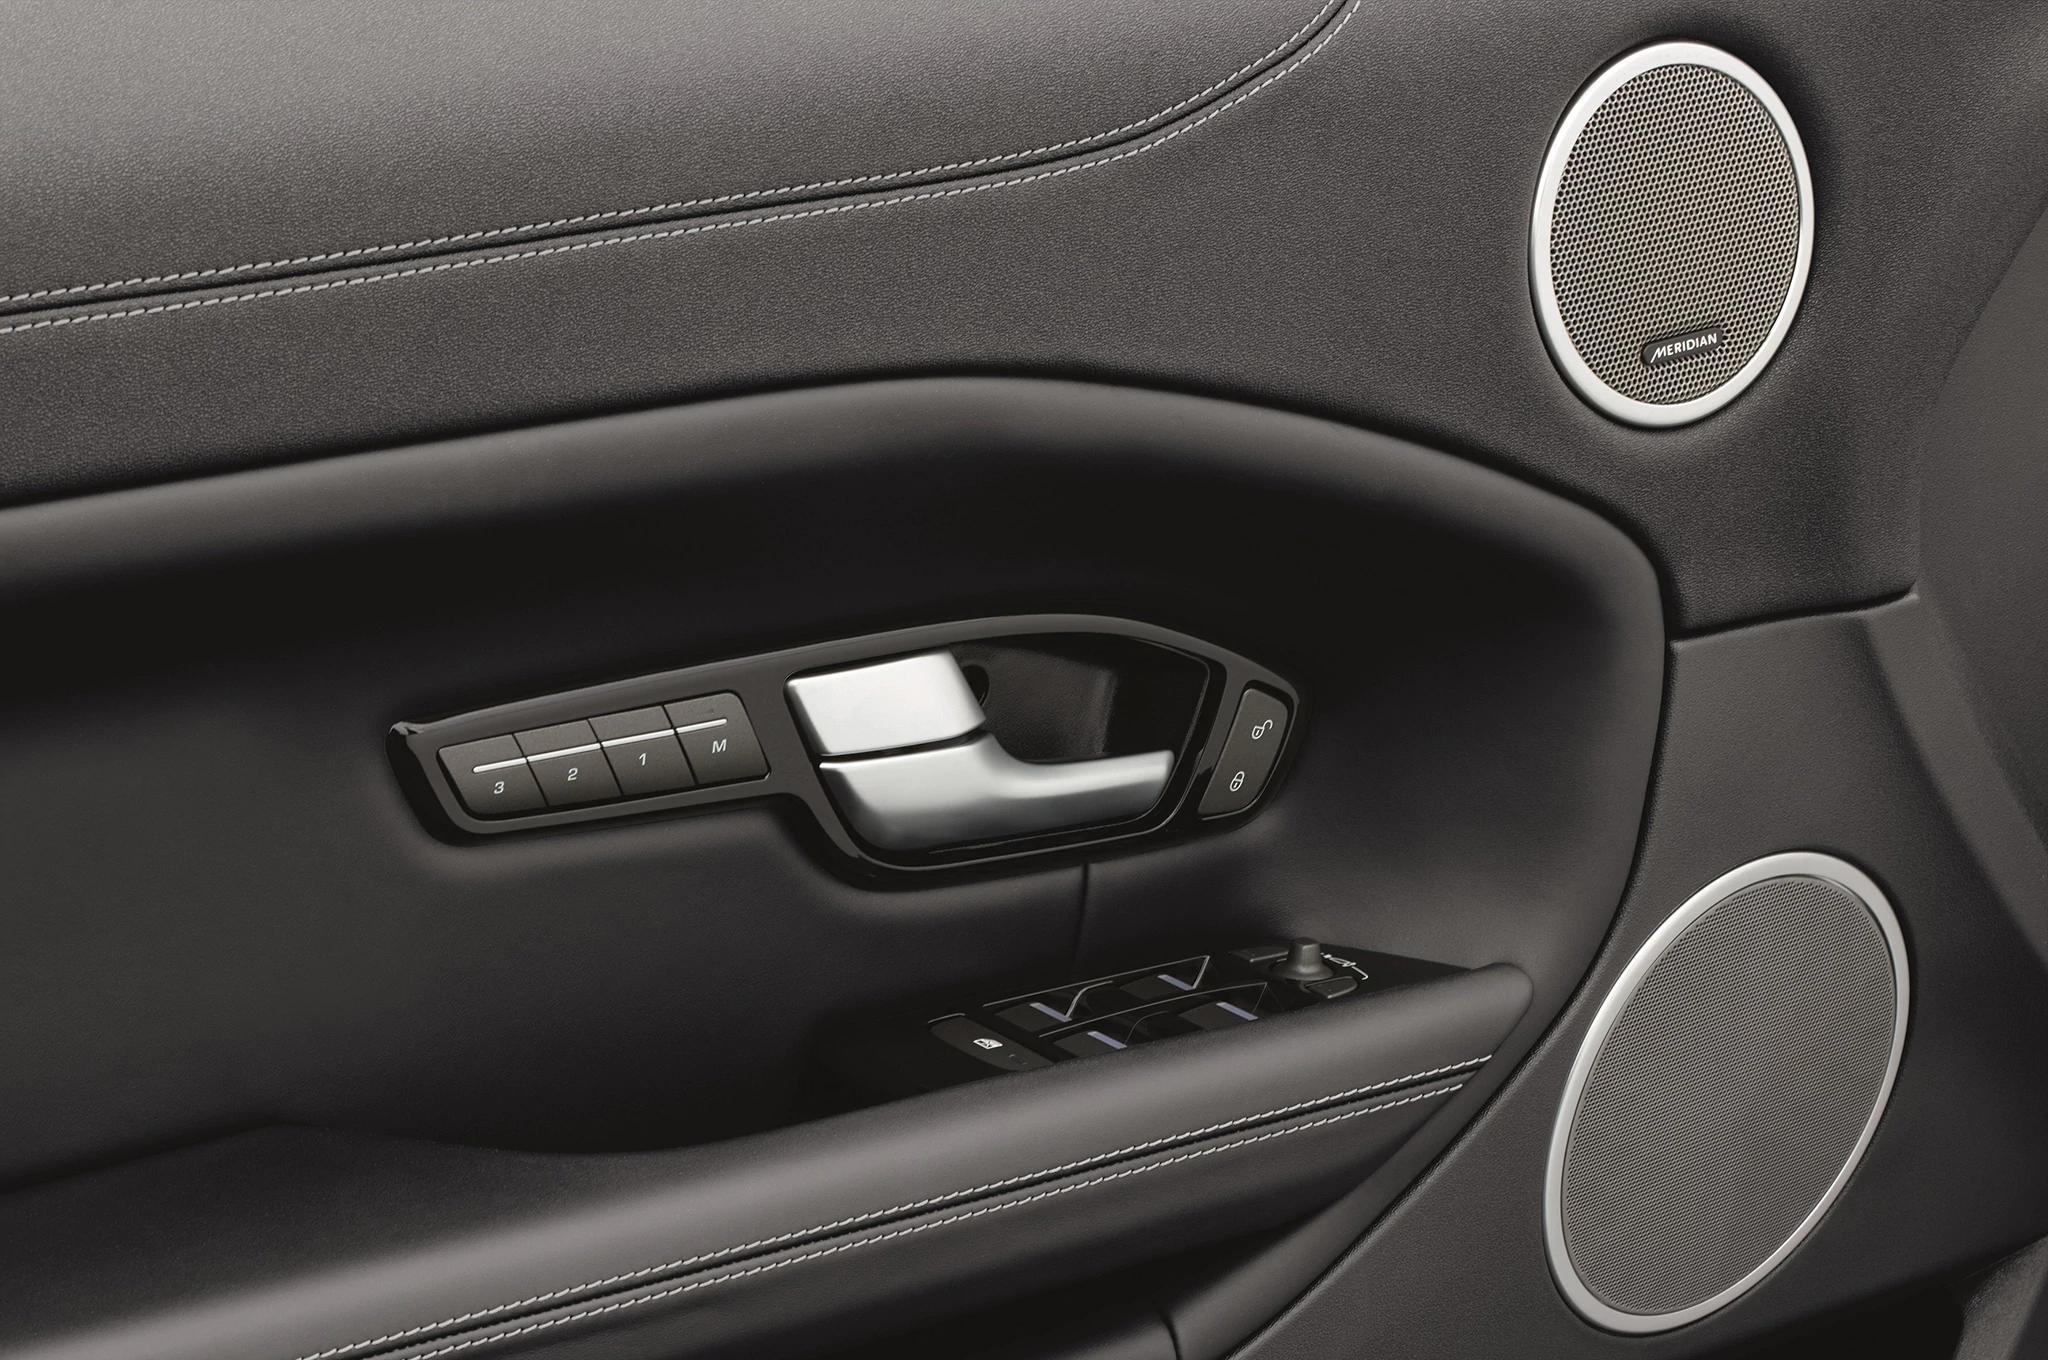 Land Rover Evoque Door Panel